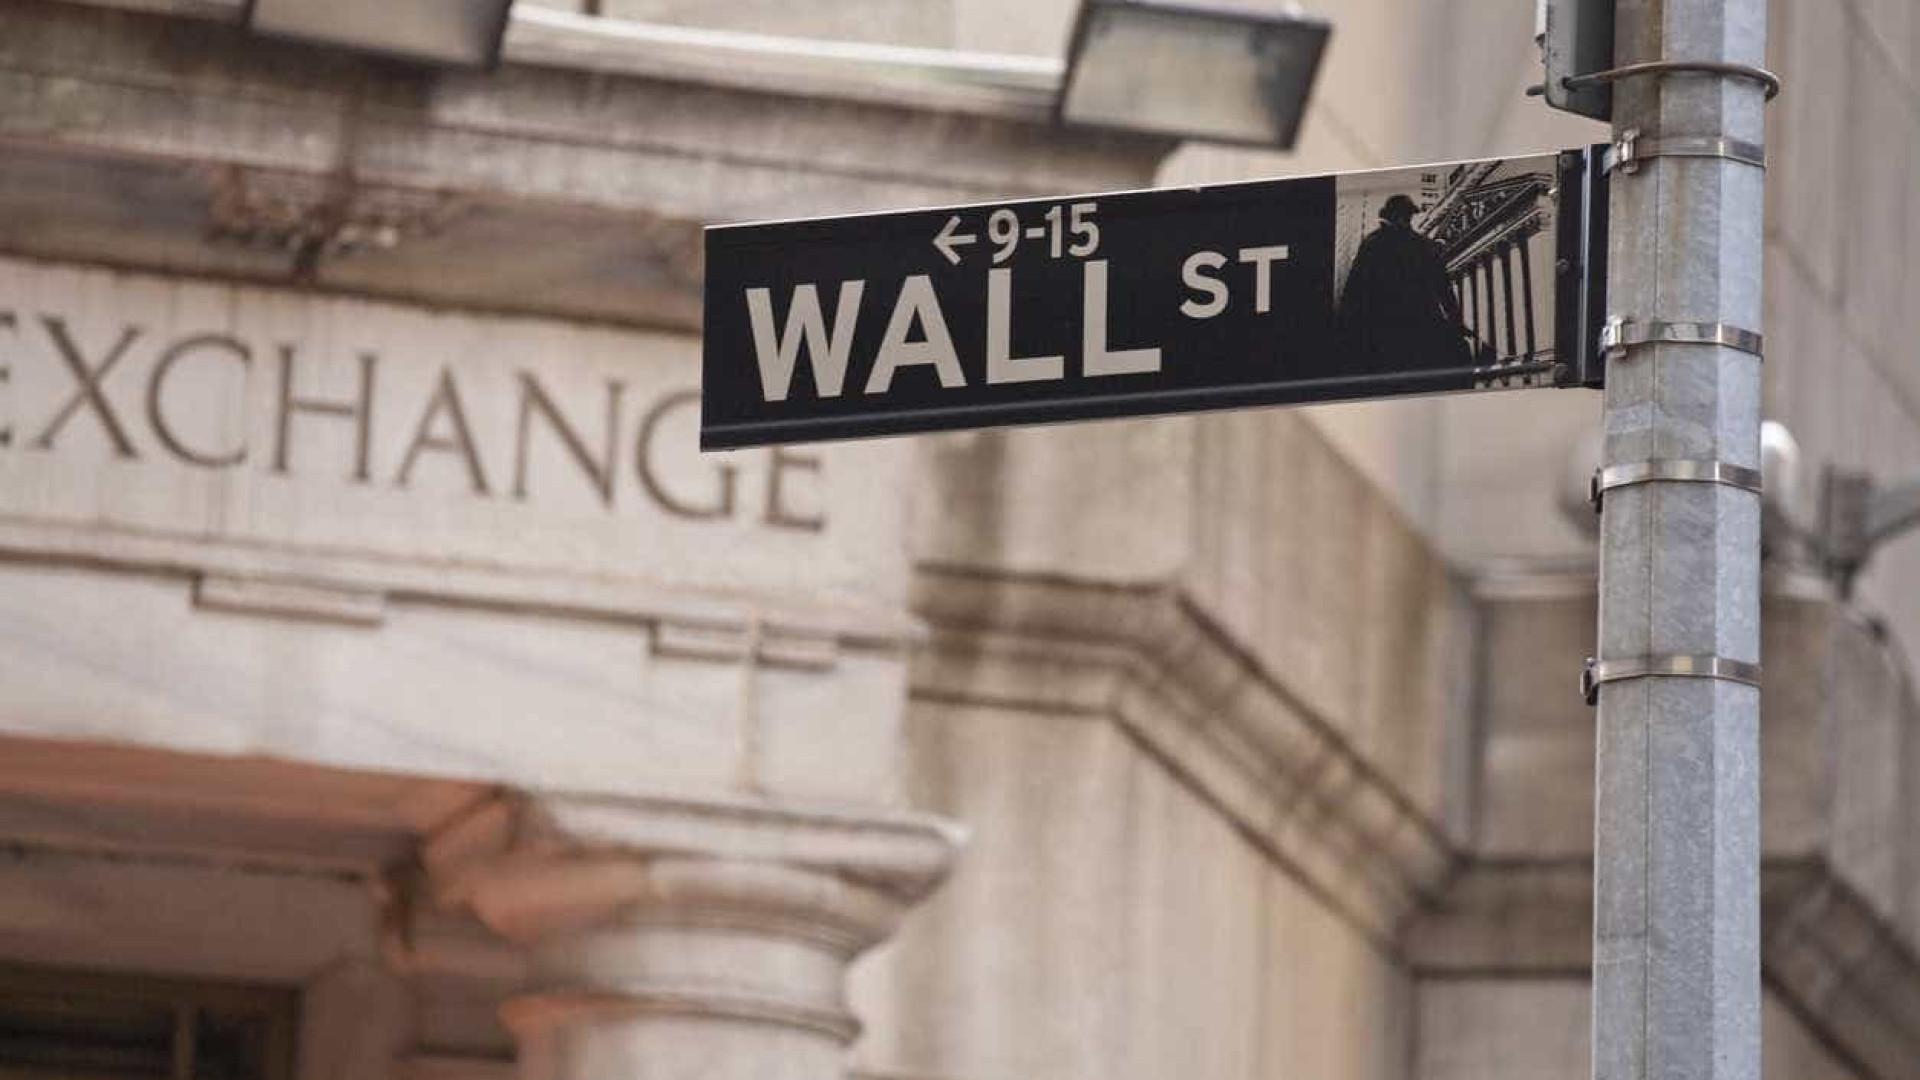 Wall Street fecha em alta graças a criação dececionante de emprego